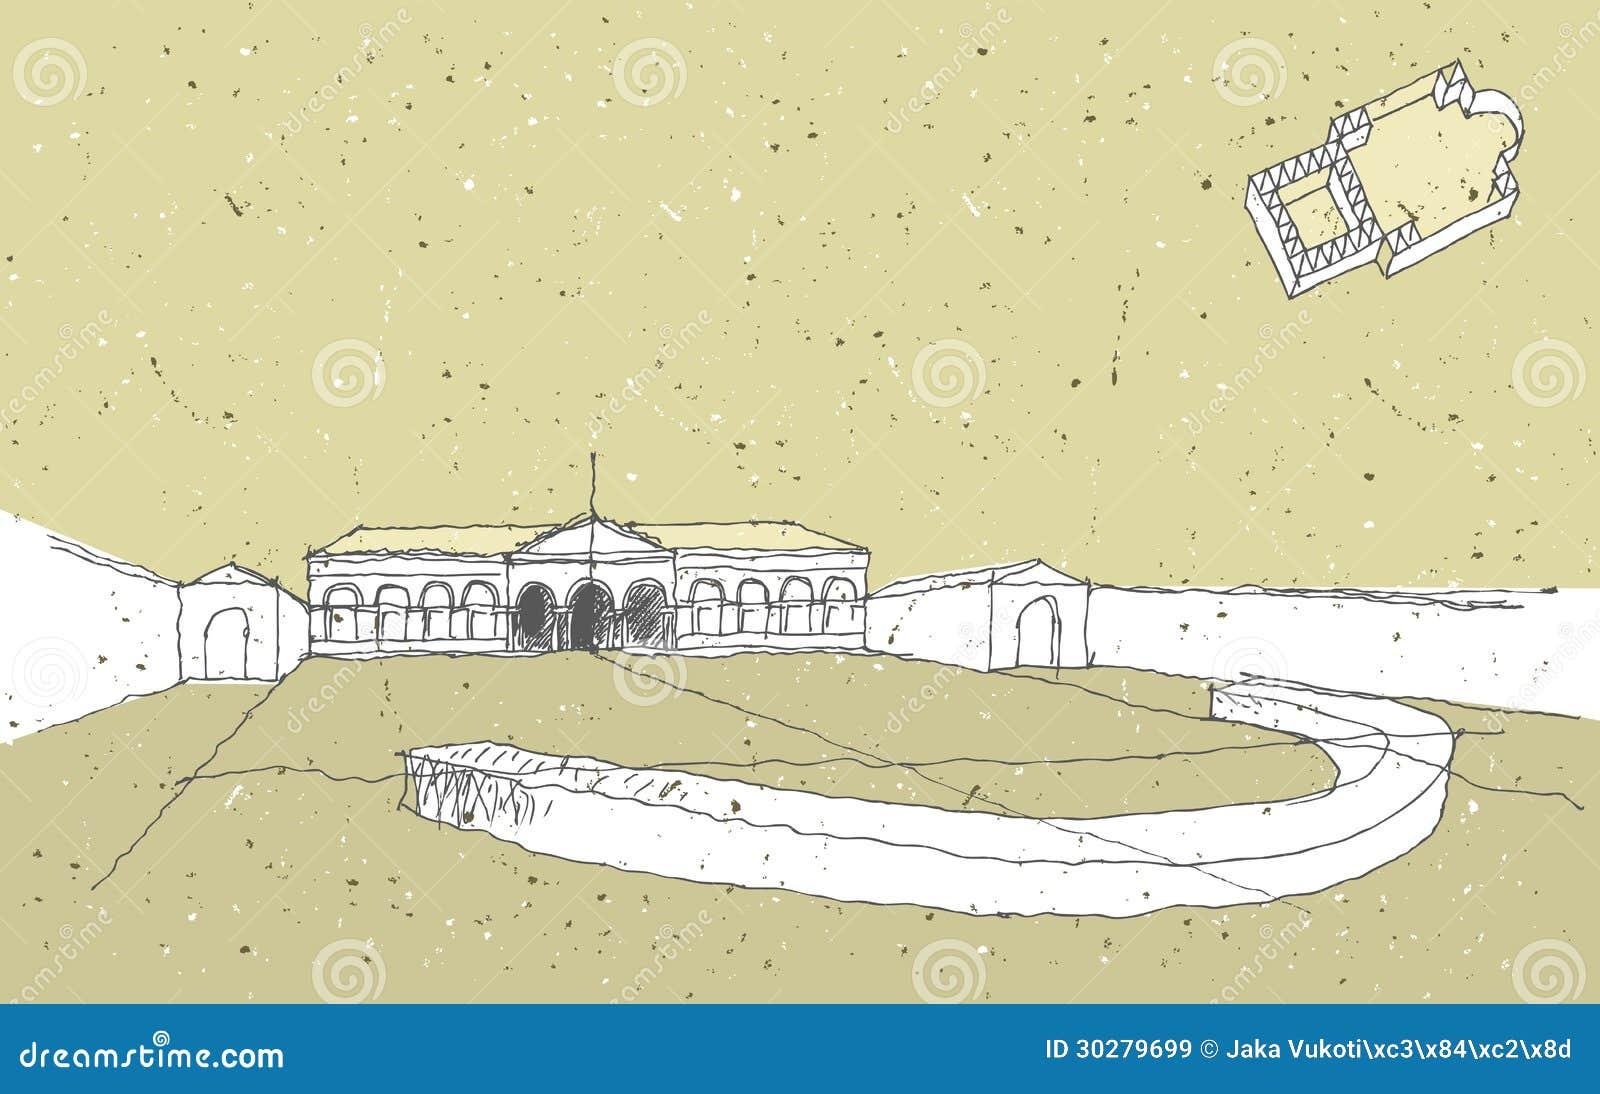 Σκιαγράφηση της ιστορικής αρχιτεκτονικής στην Ιταλία